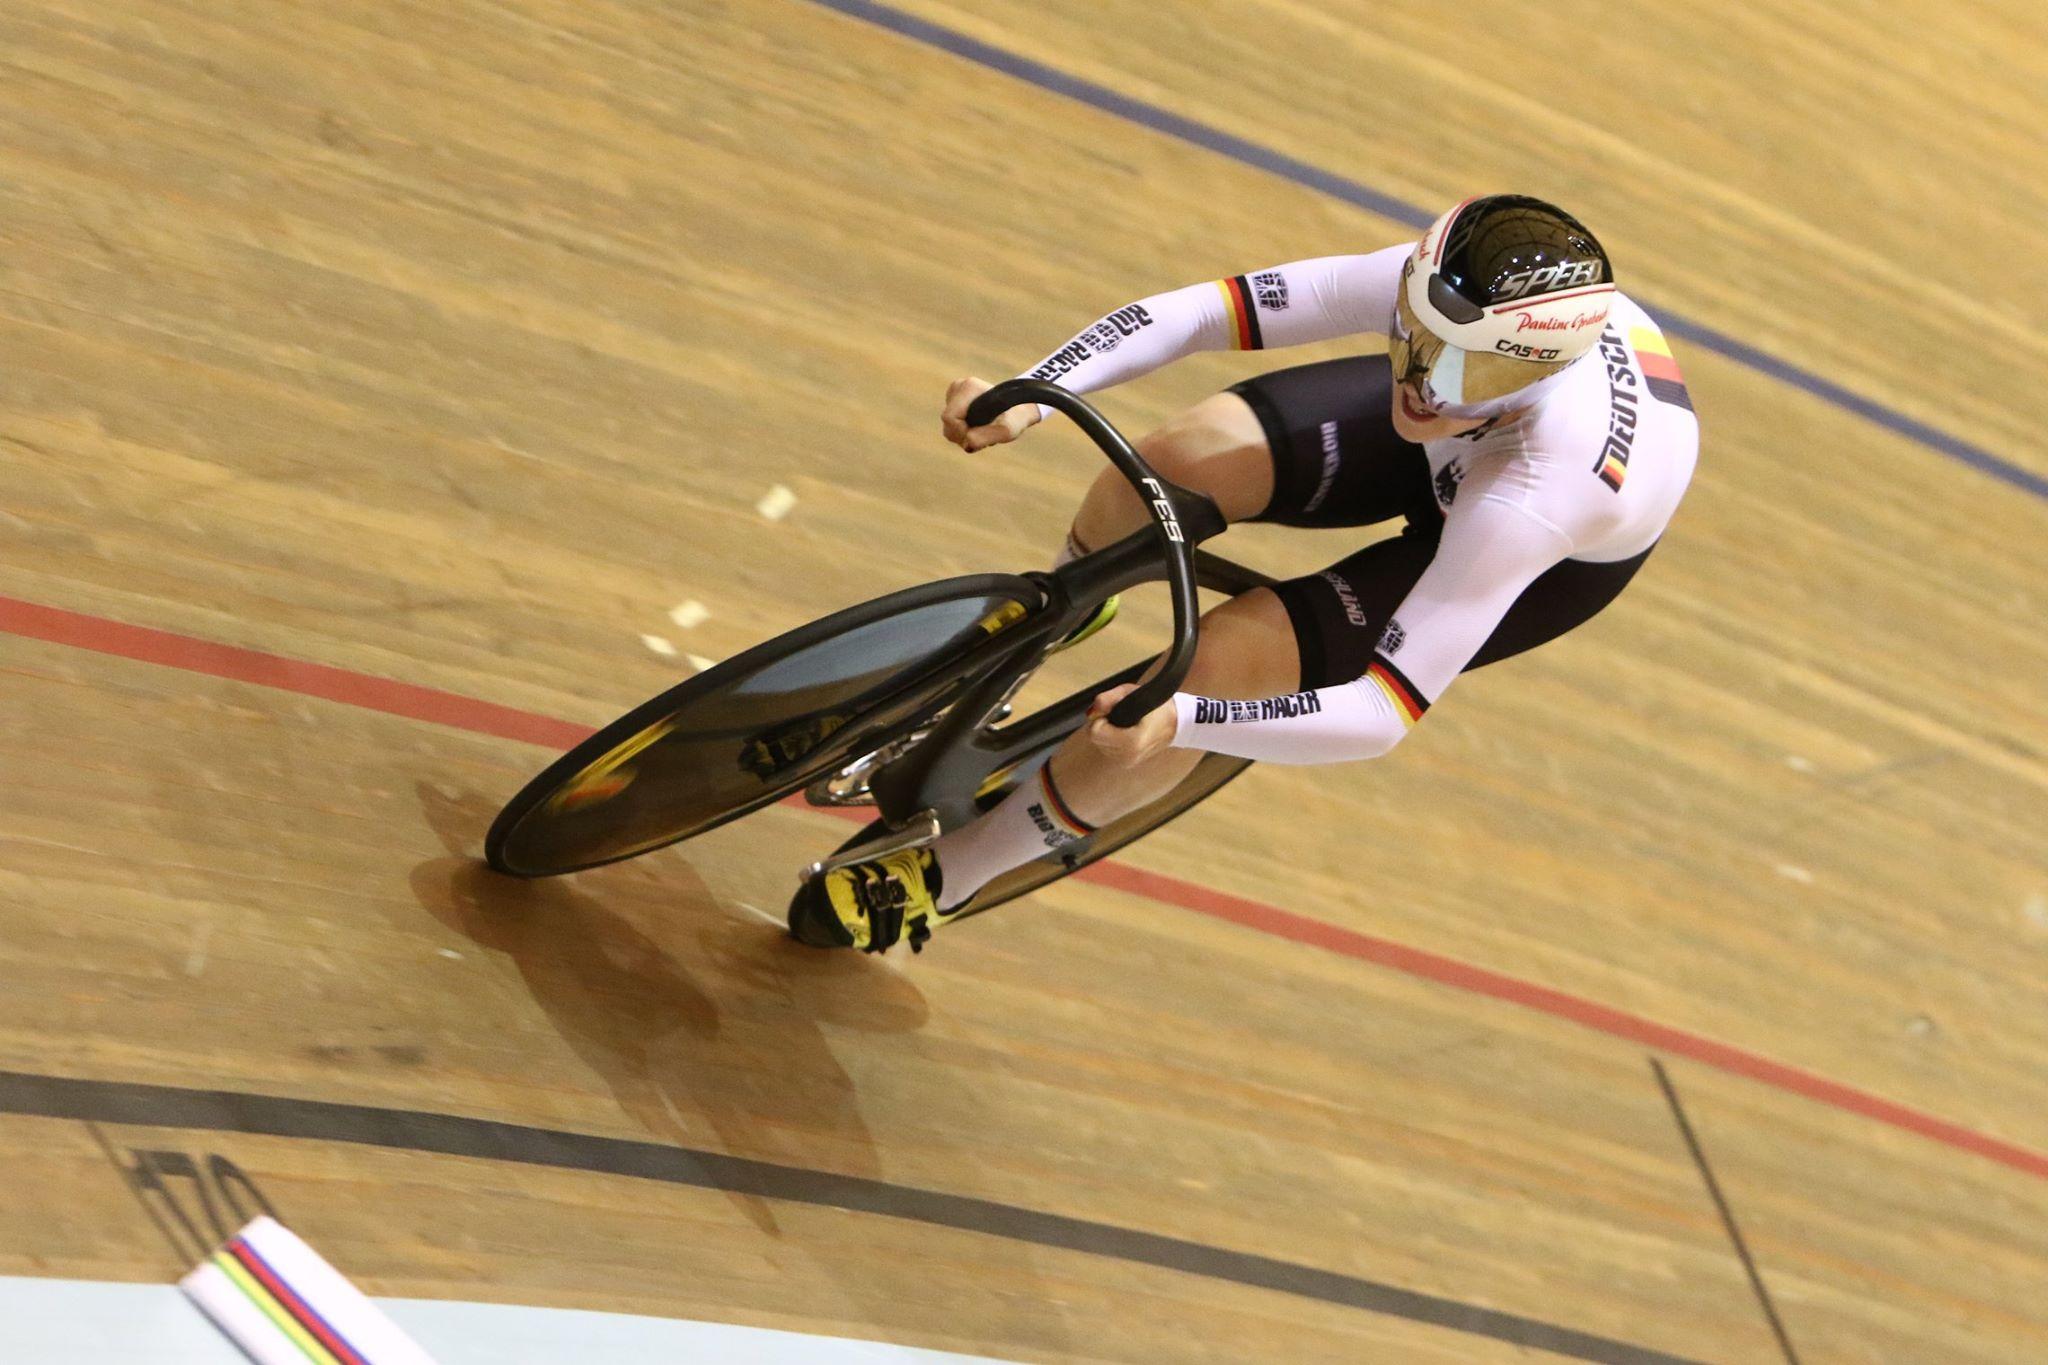 Foto Landesverband Radsport Sachsen-Anhalt eV Grabosch J_WM_16_UCI